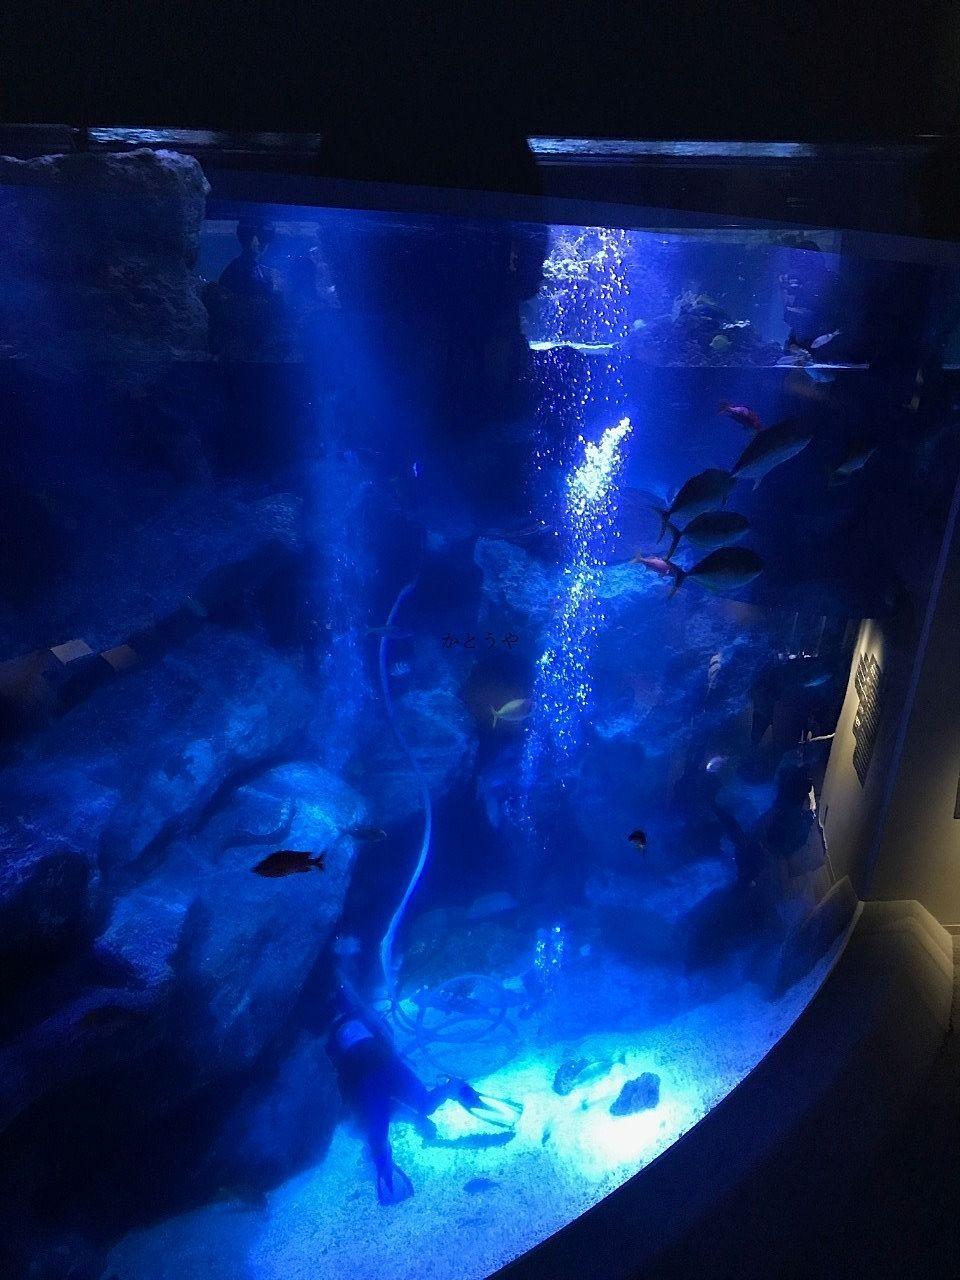 子どもたちに人気の東京スカイツリー、ソラマチのすみだ水族館です。